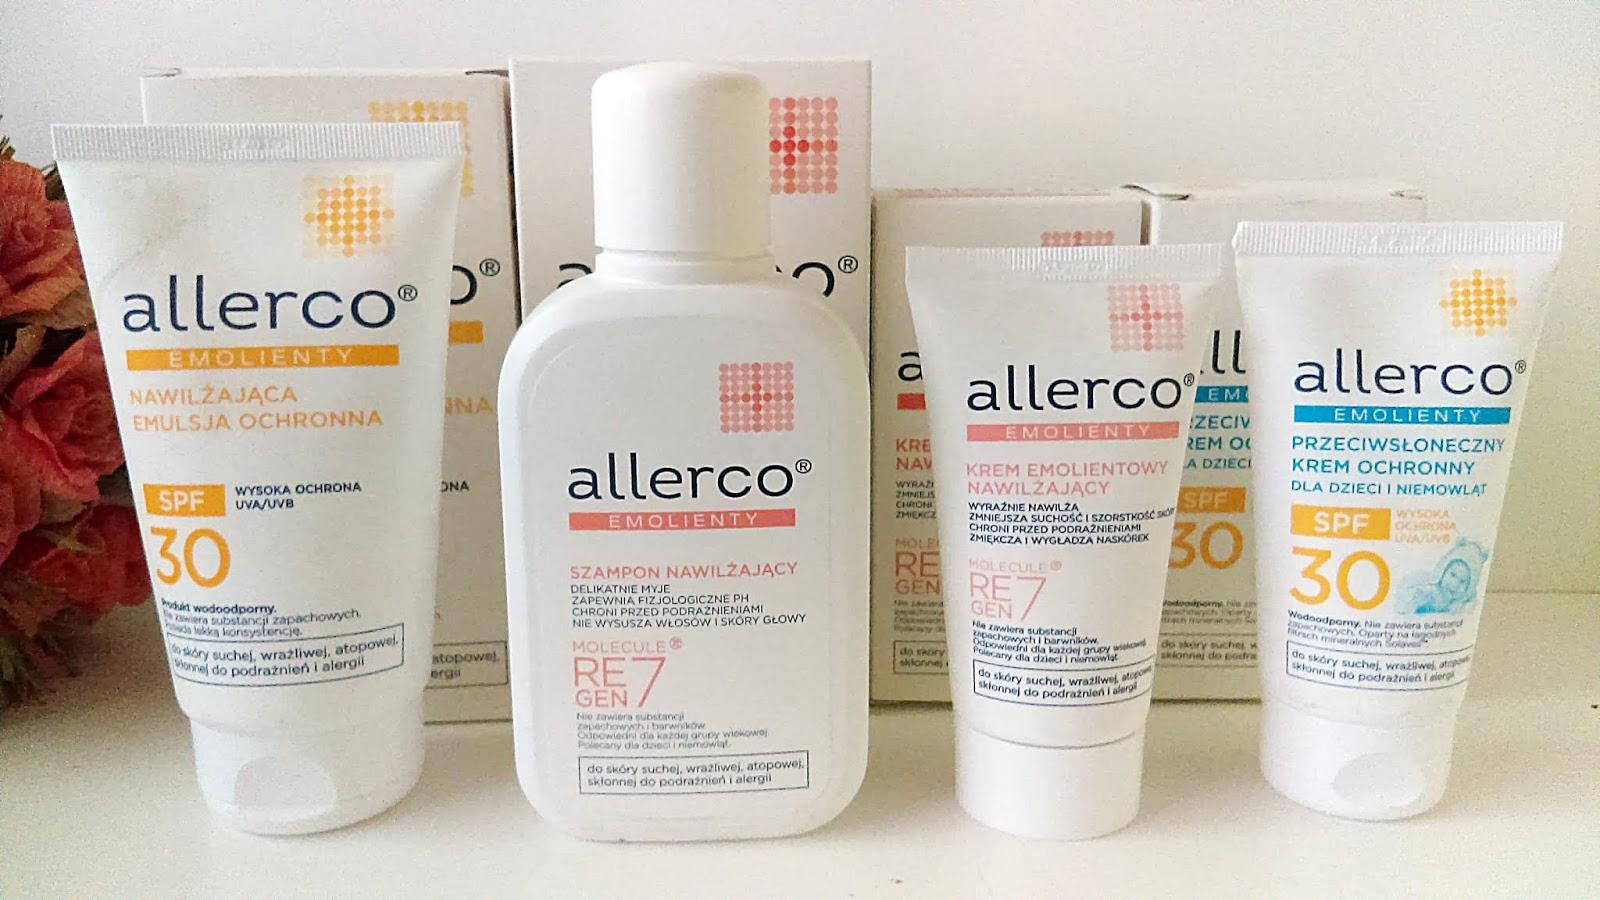 Allerco - skuteczna pielęgnacja skóry suchej i wrażliwej